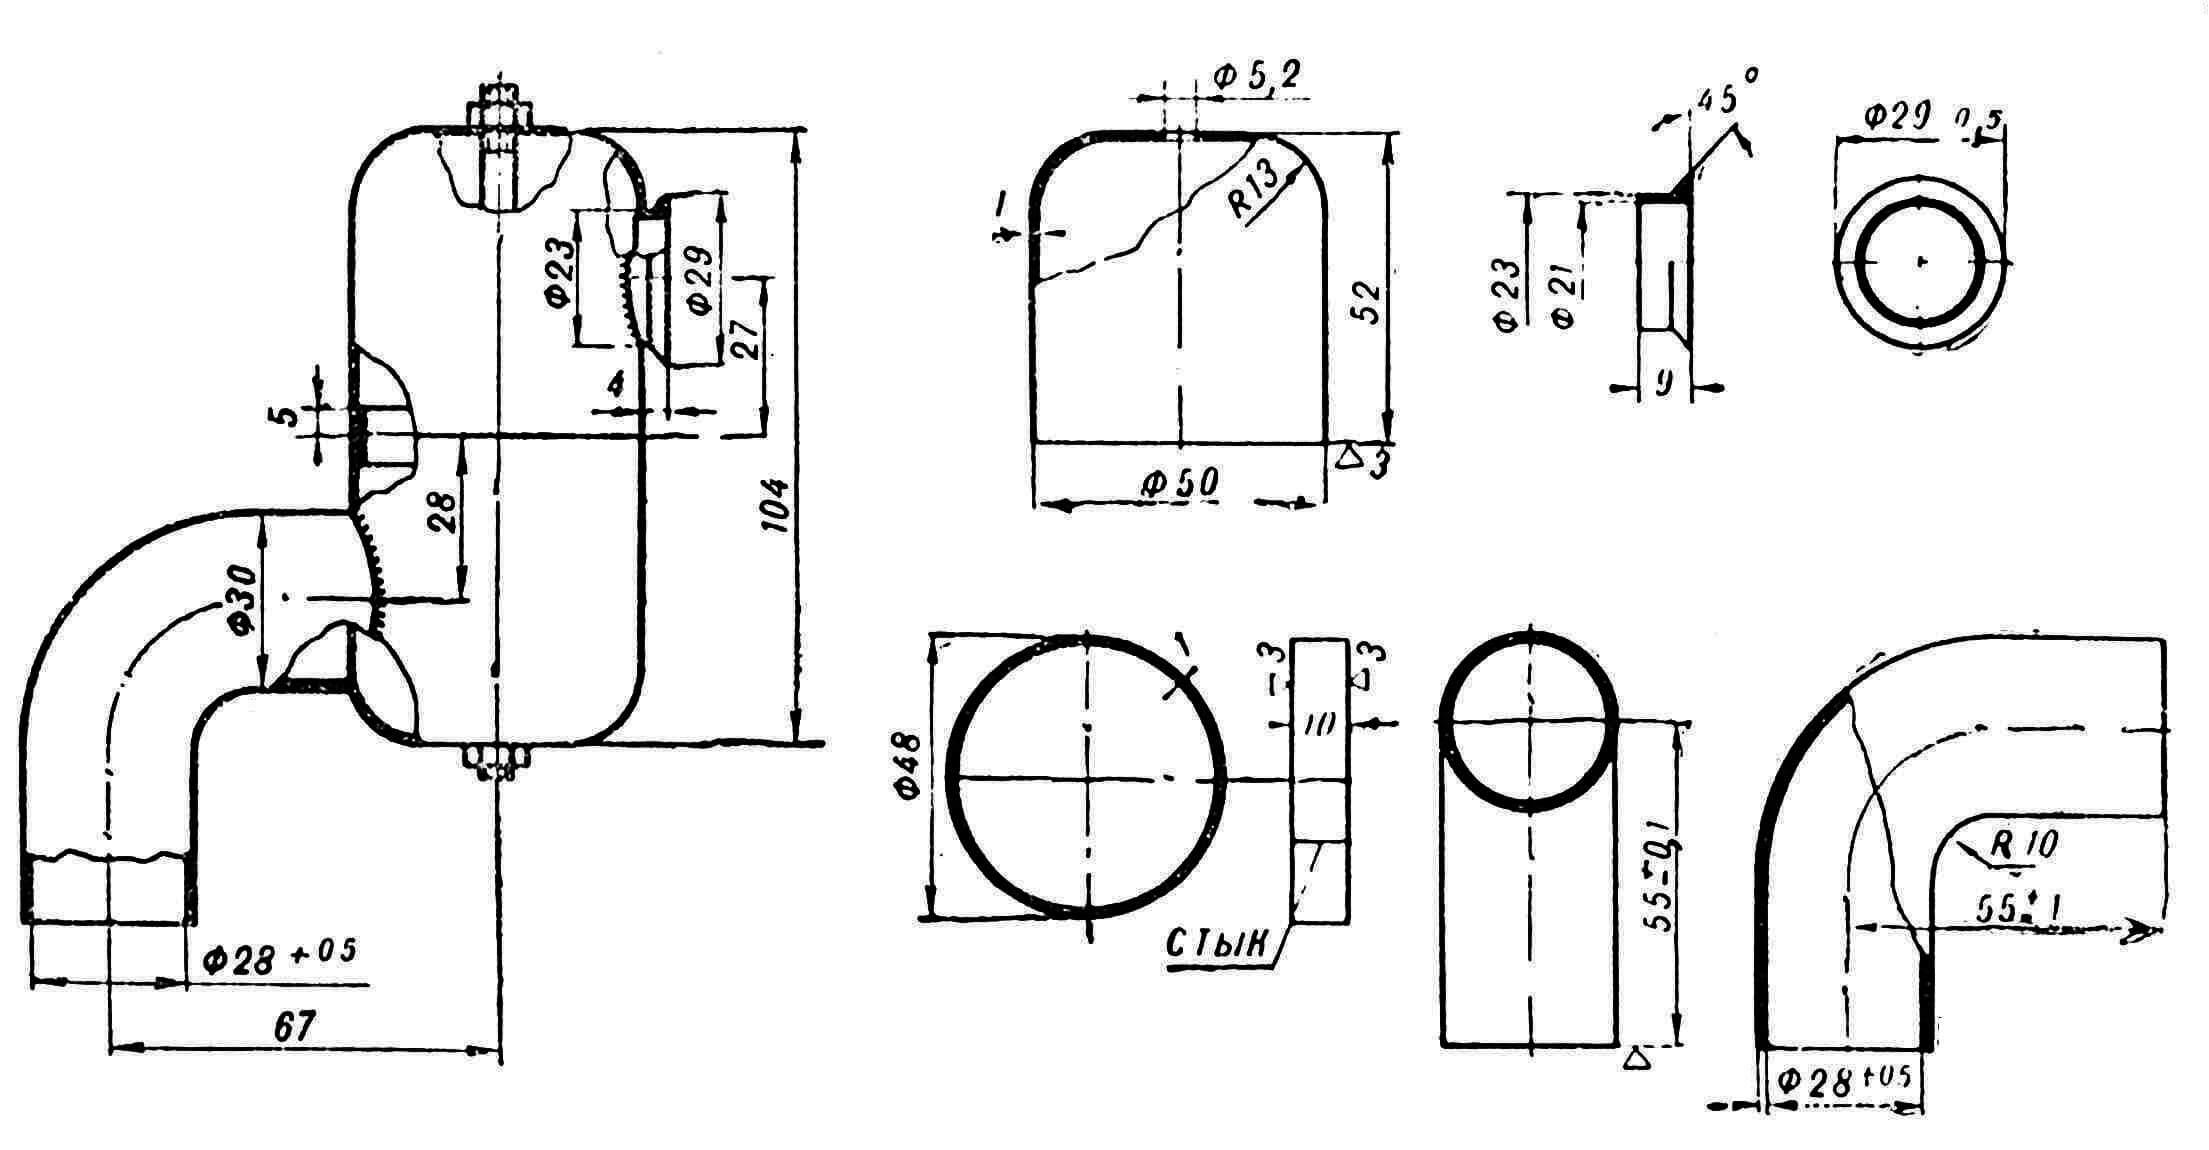 Глушитель (материал — стальнержавеющая листовая), сборка двух половин осуществляется болтом М6.